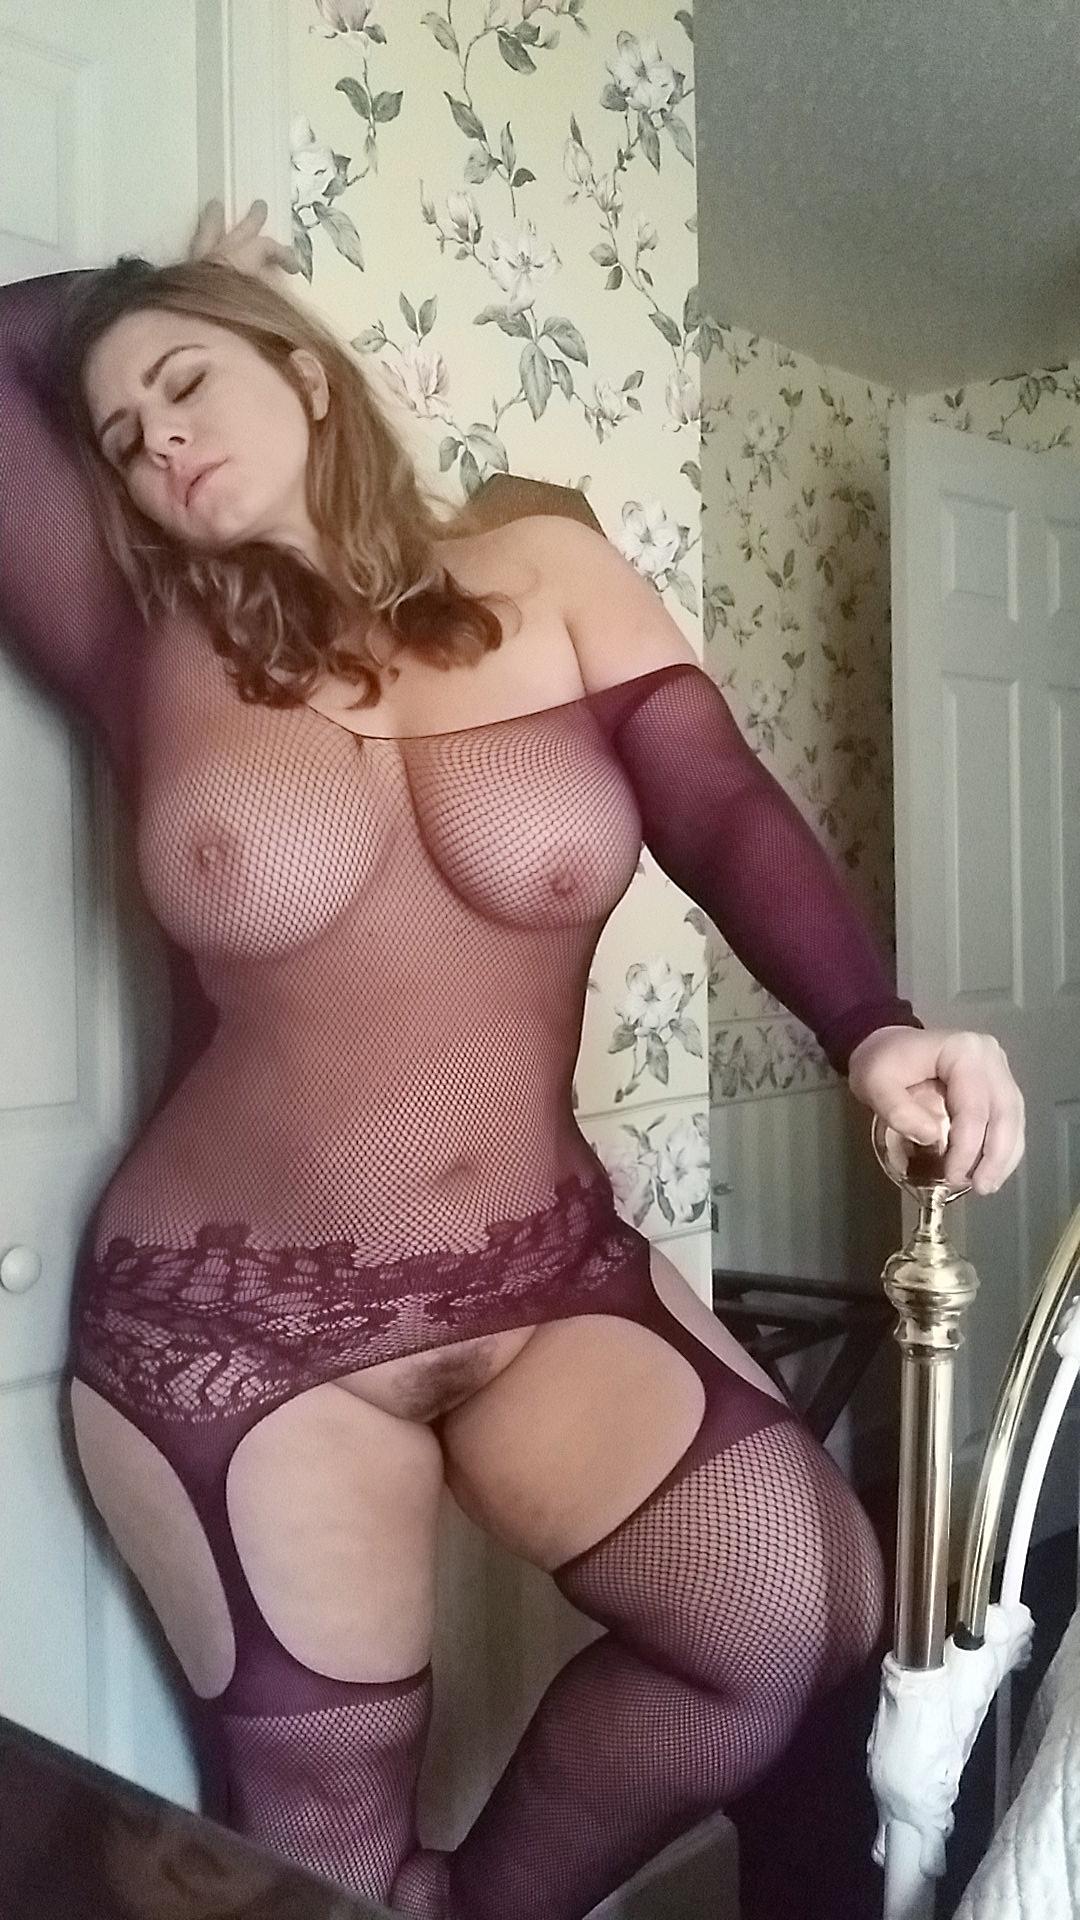 пышные бедра и ягодицы порно фото